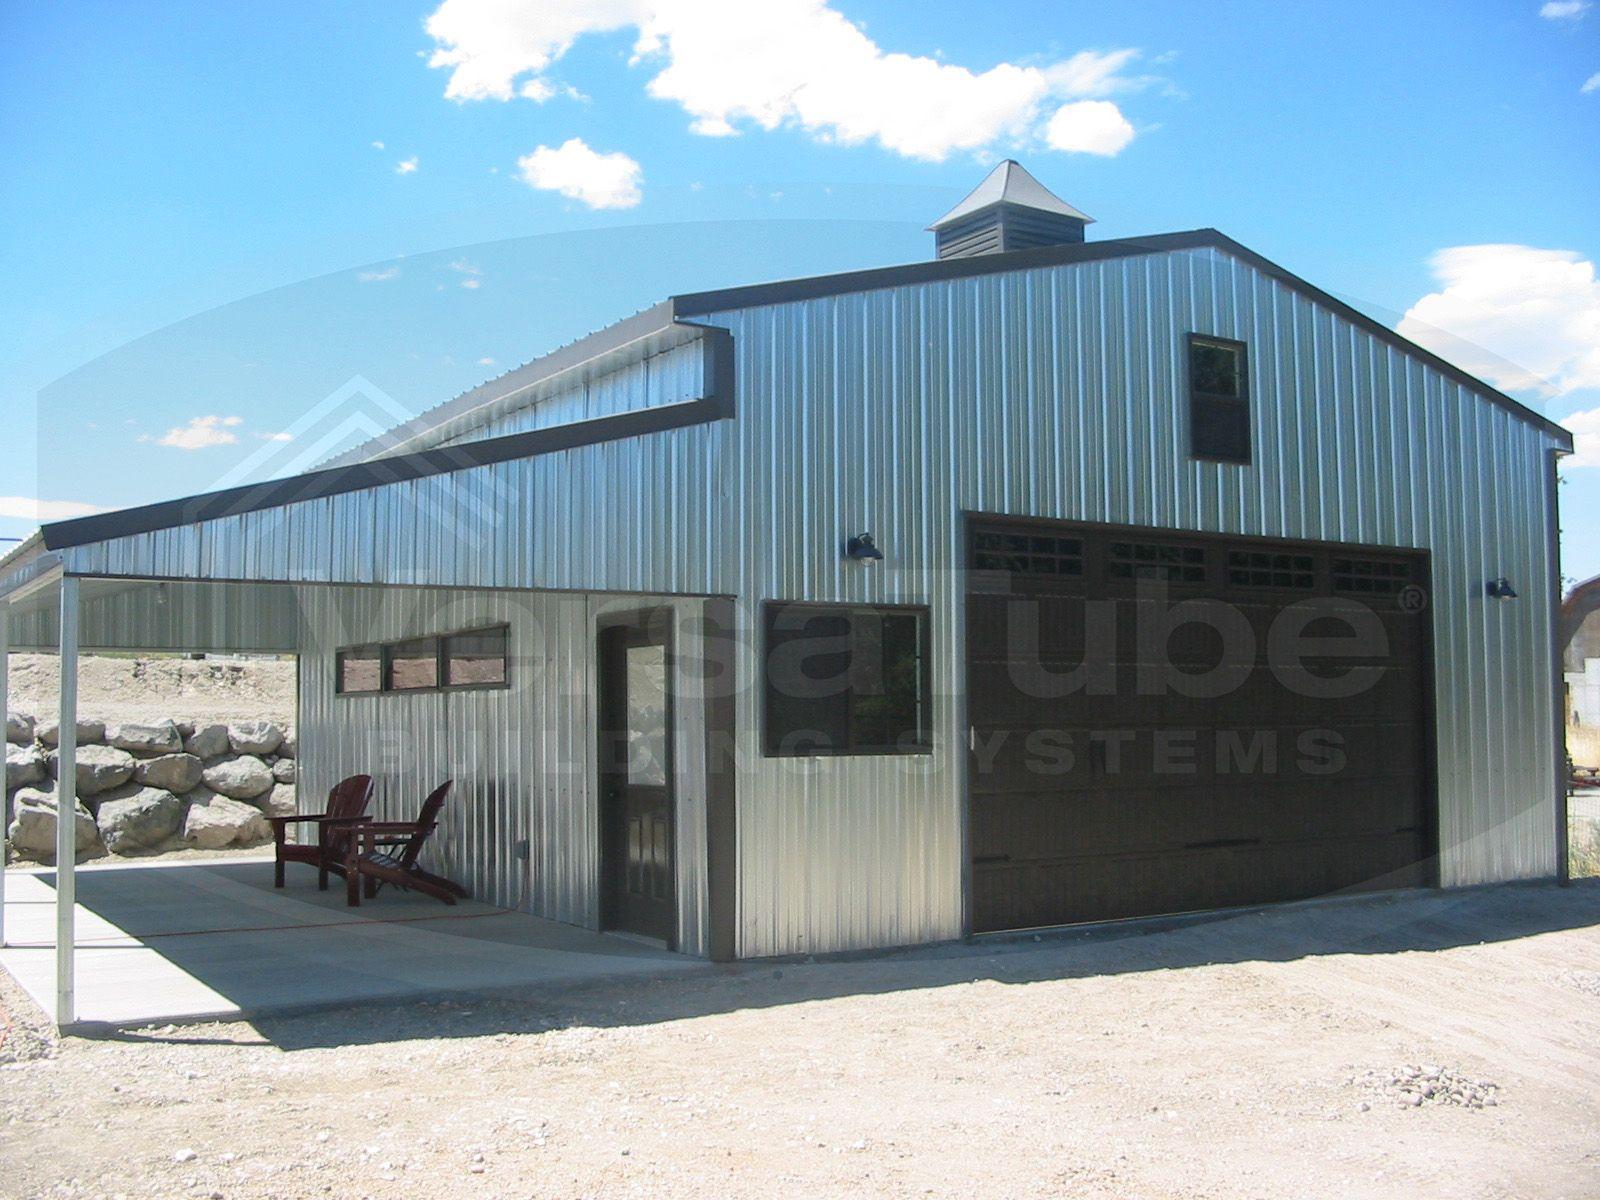 summit metal garage building kit by versatube le petite chez k summit metal garage building kit by versatube